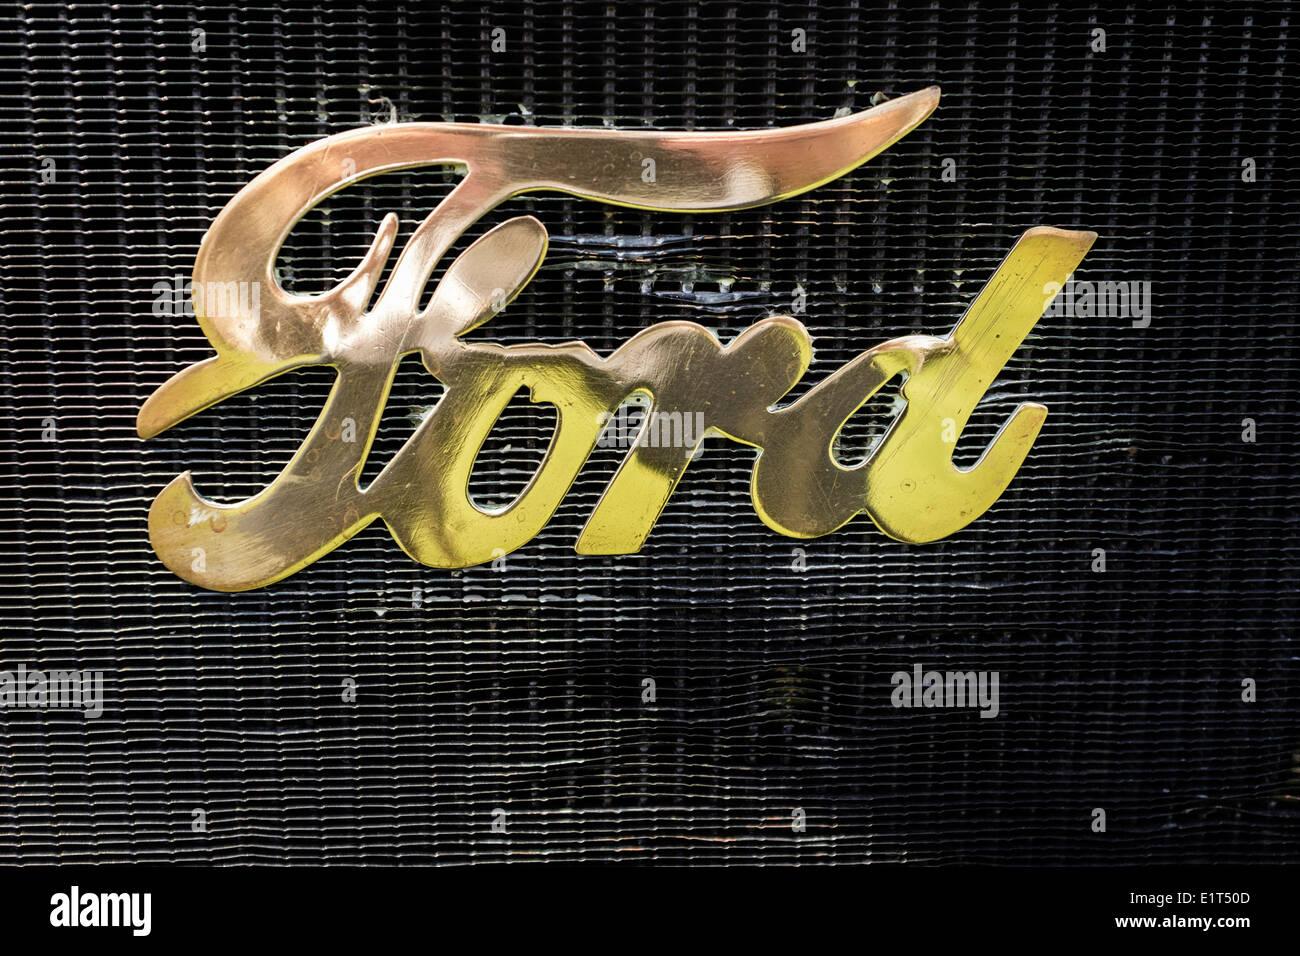 Ford Motor Company-Emblem am Kühlergrill der Oldtimer-T-Modell. Stockbild